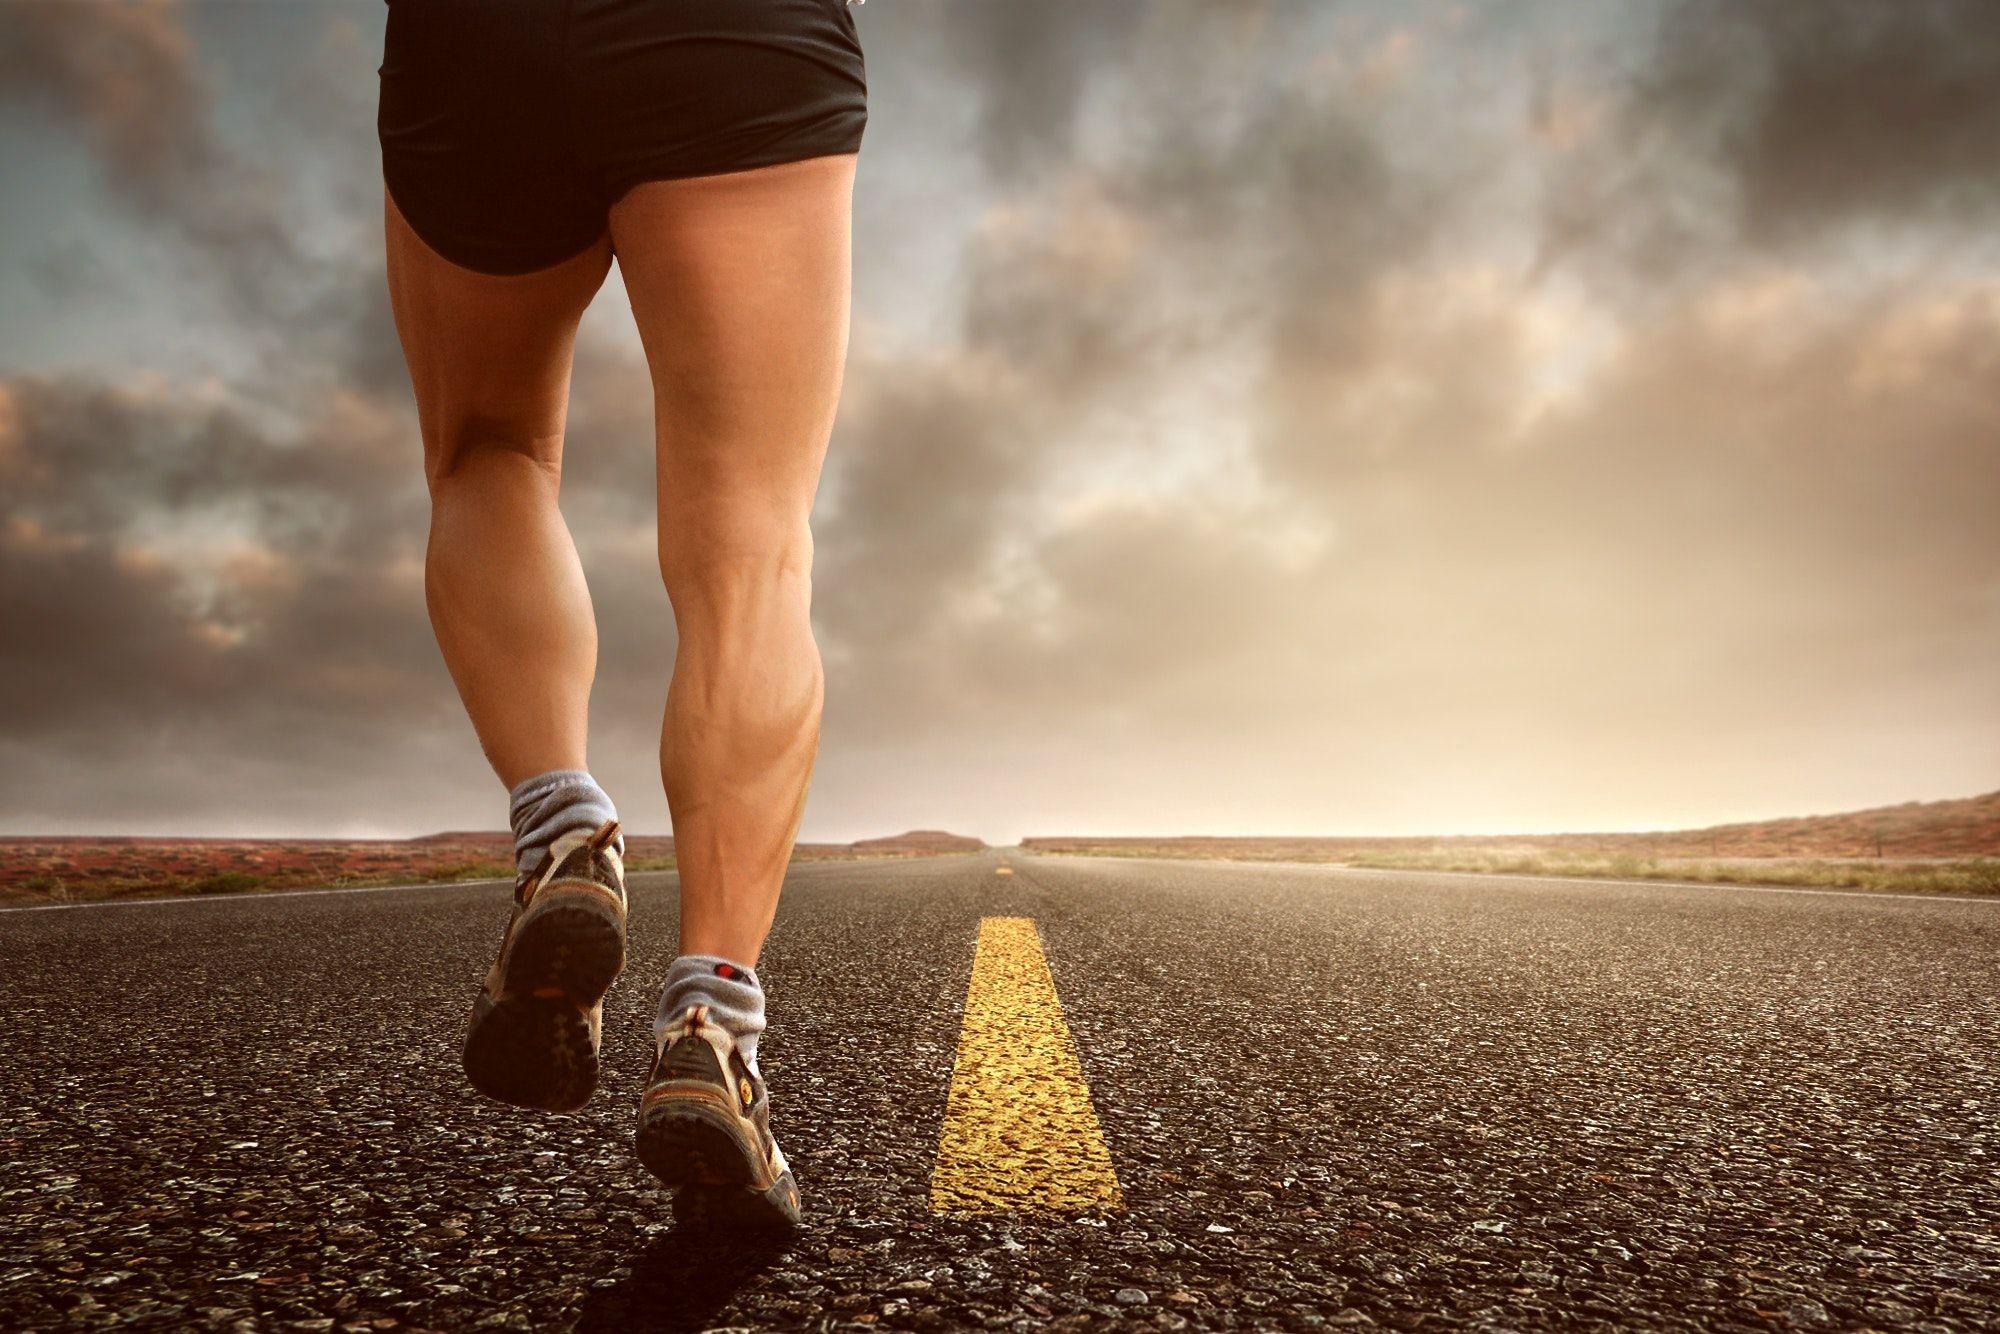 Тренировка для ног: комплекс упражнений и рекомендации - изображение 3